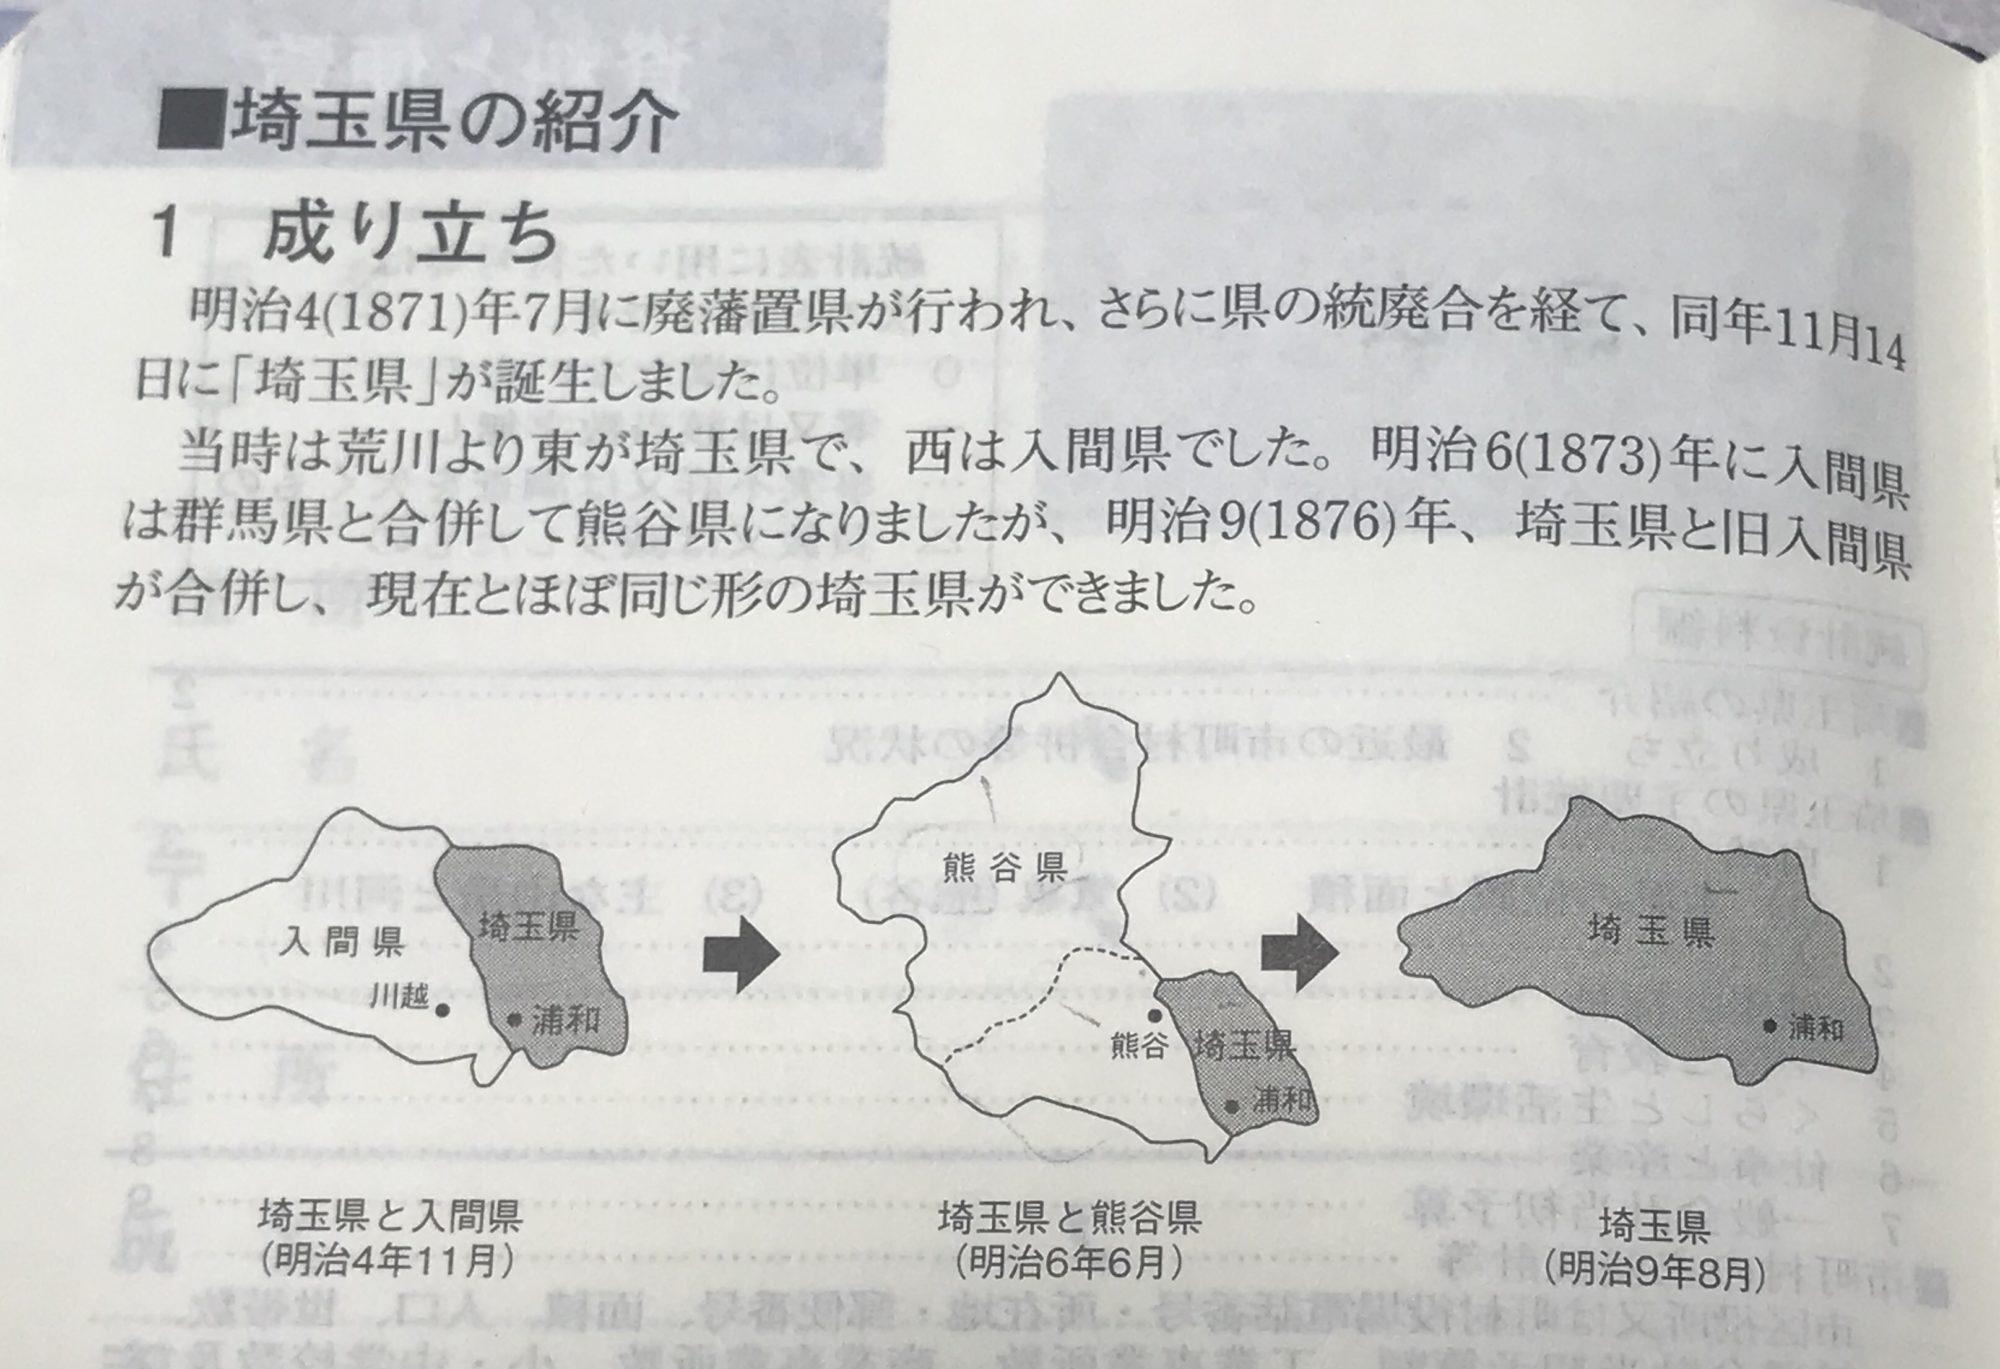 埼玉県民手帳のご紹介